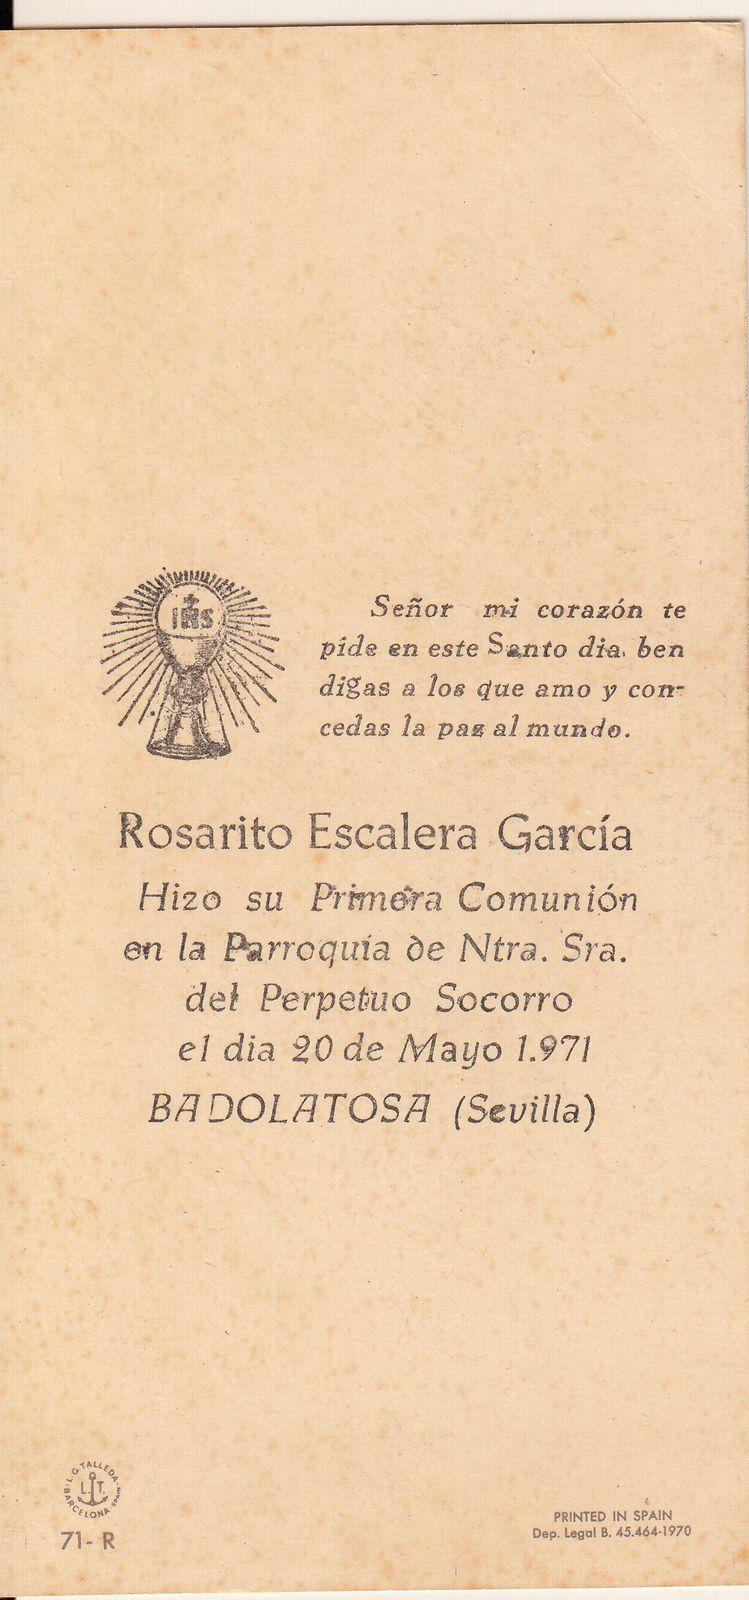 Recuerdos de primera Comunión año 1971